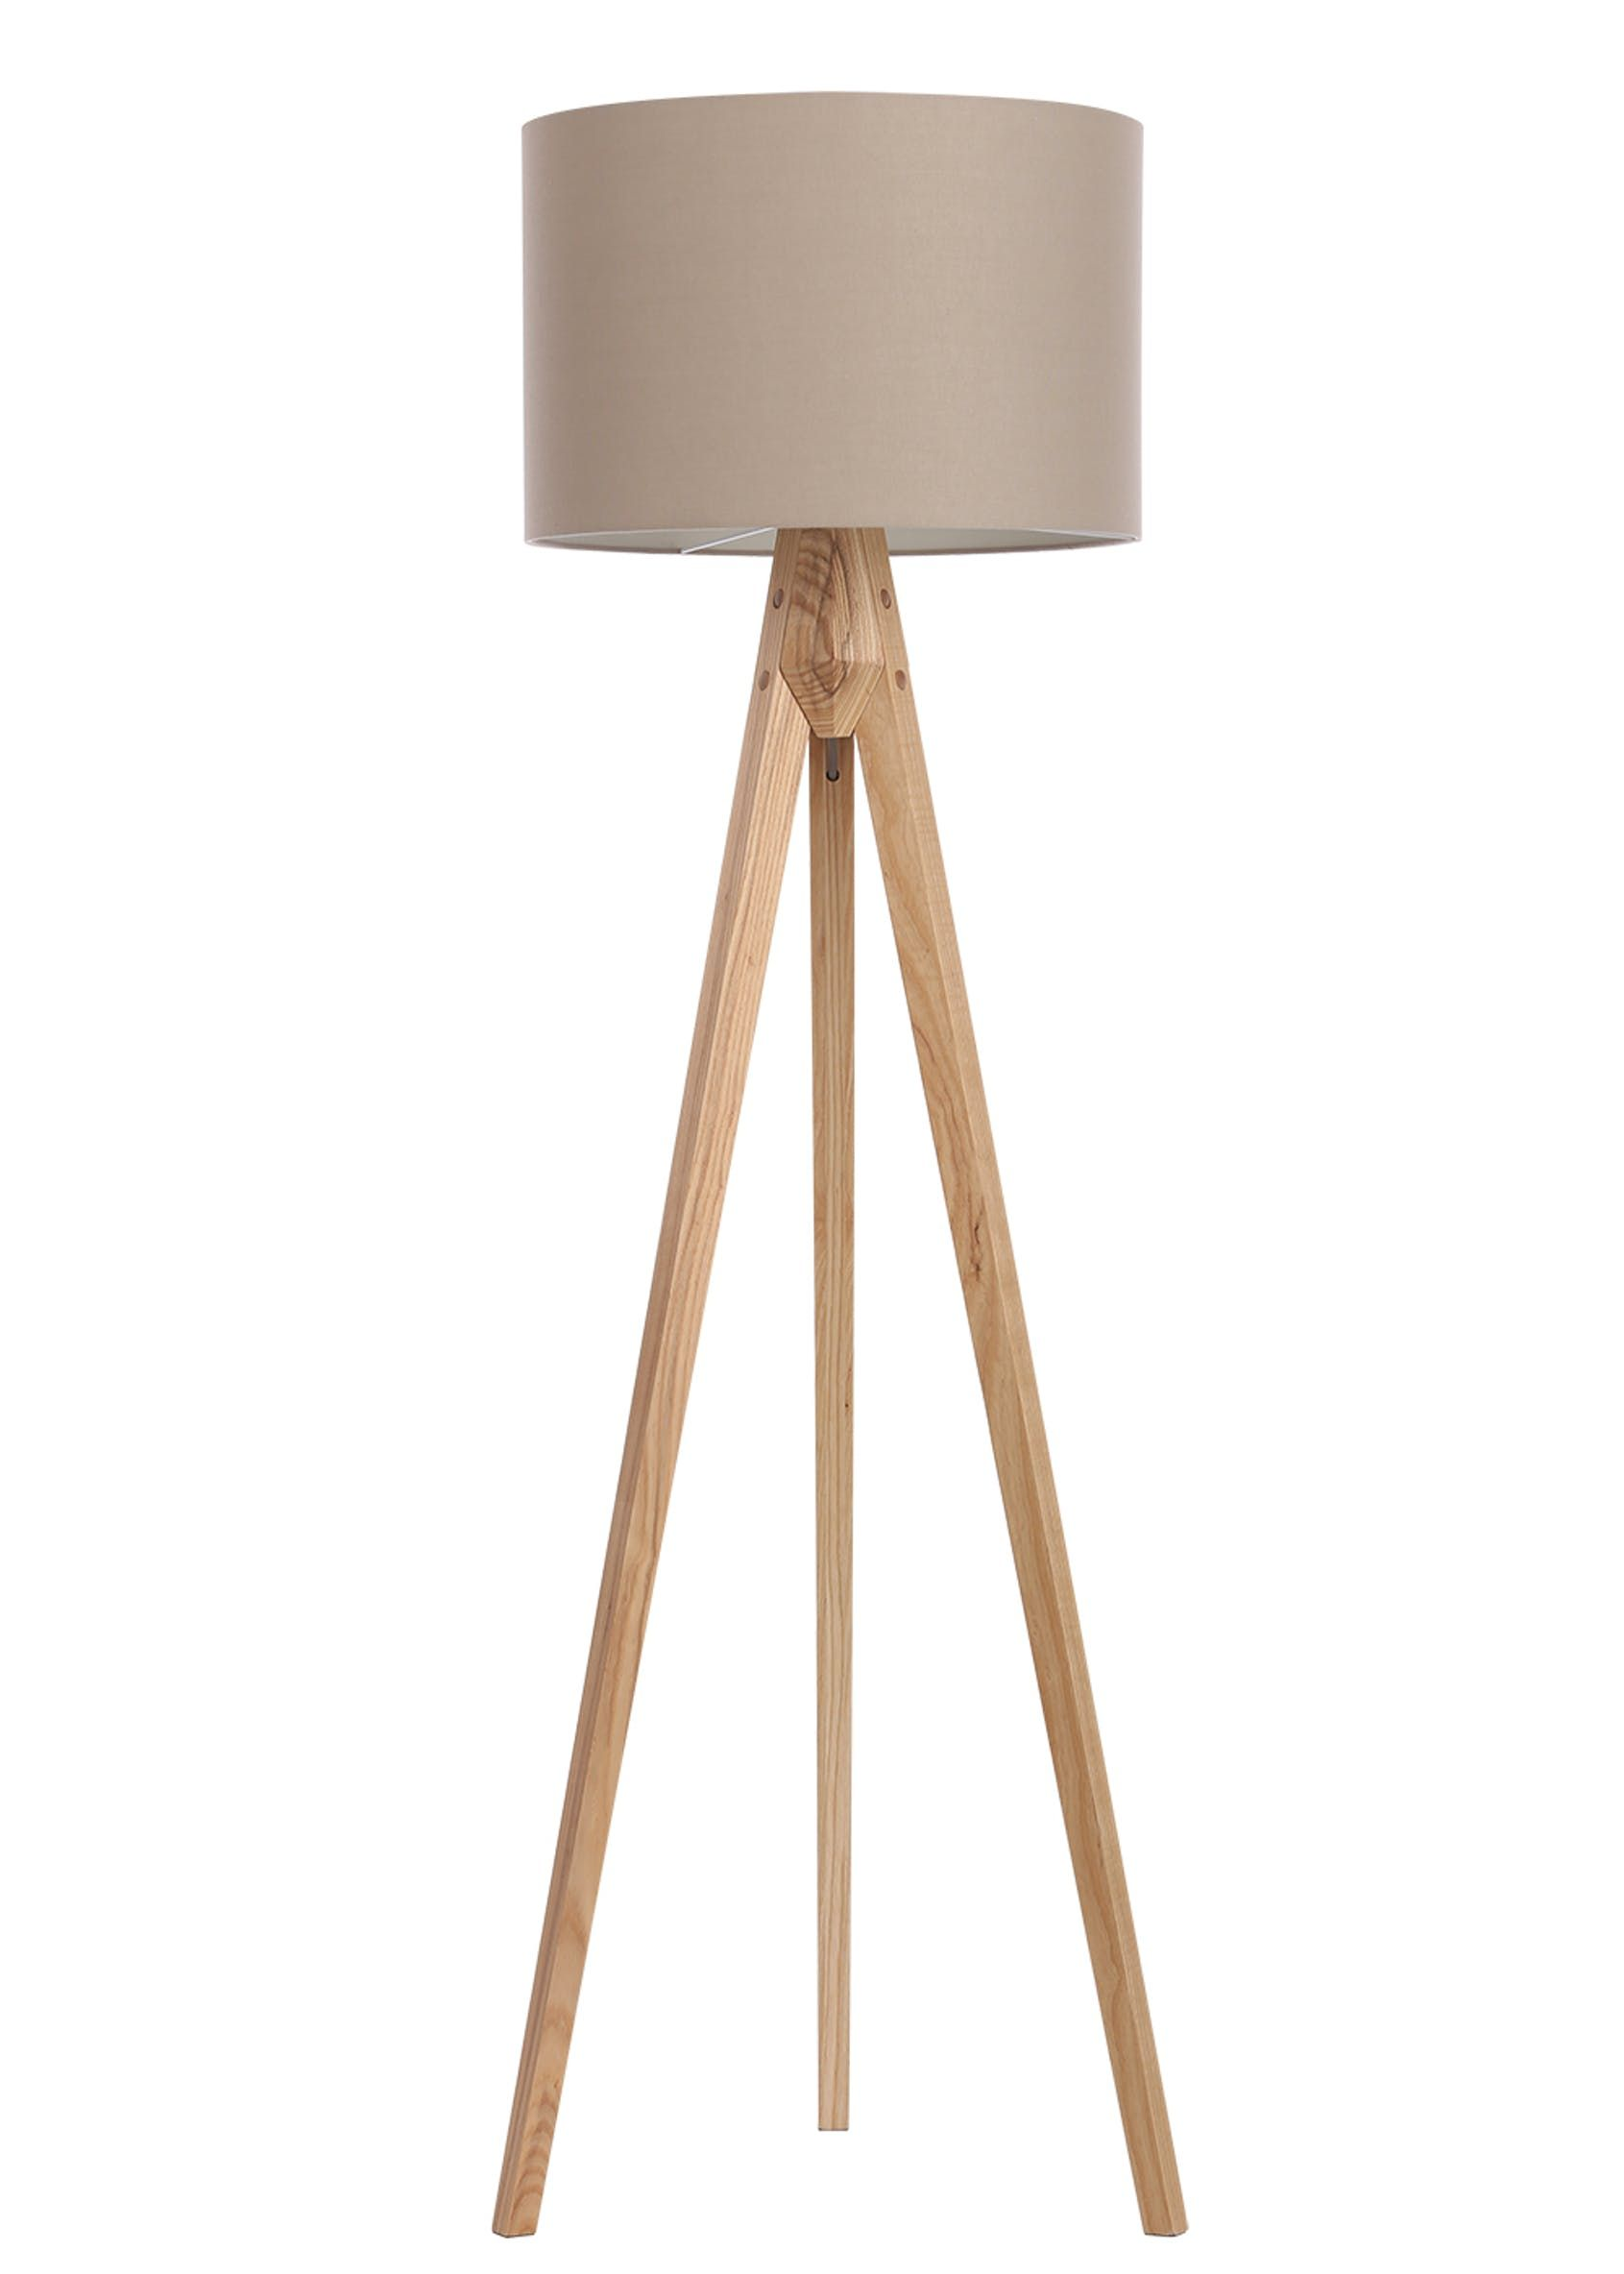 Travis Tripod Floor Lamp H152cm X W45cm Cream In 2020 Floor